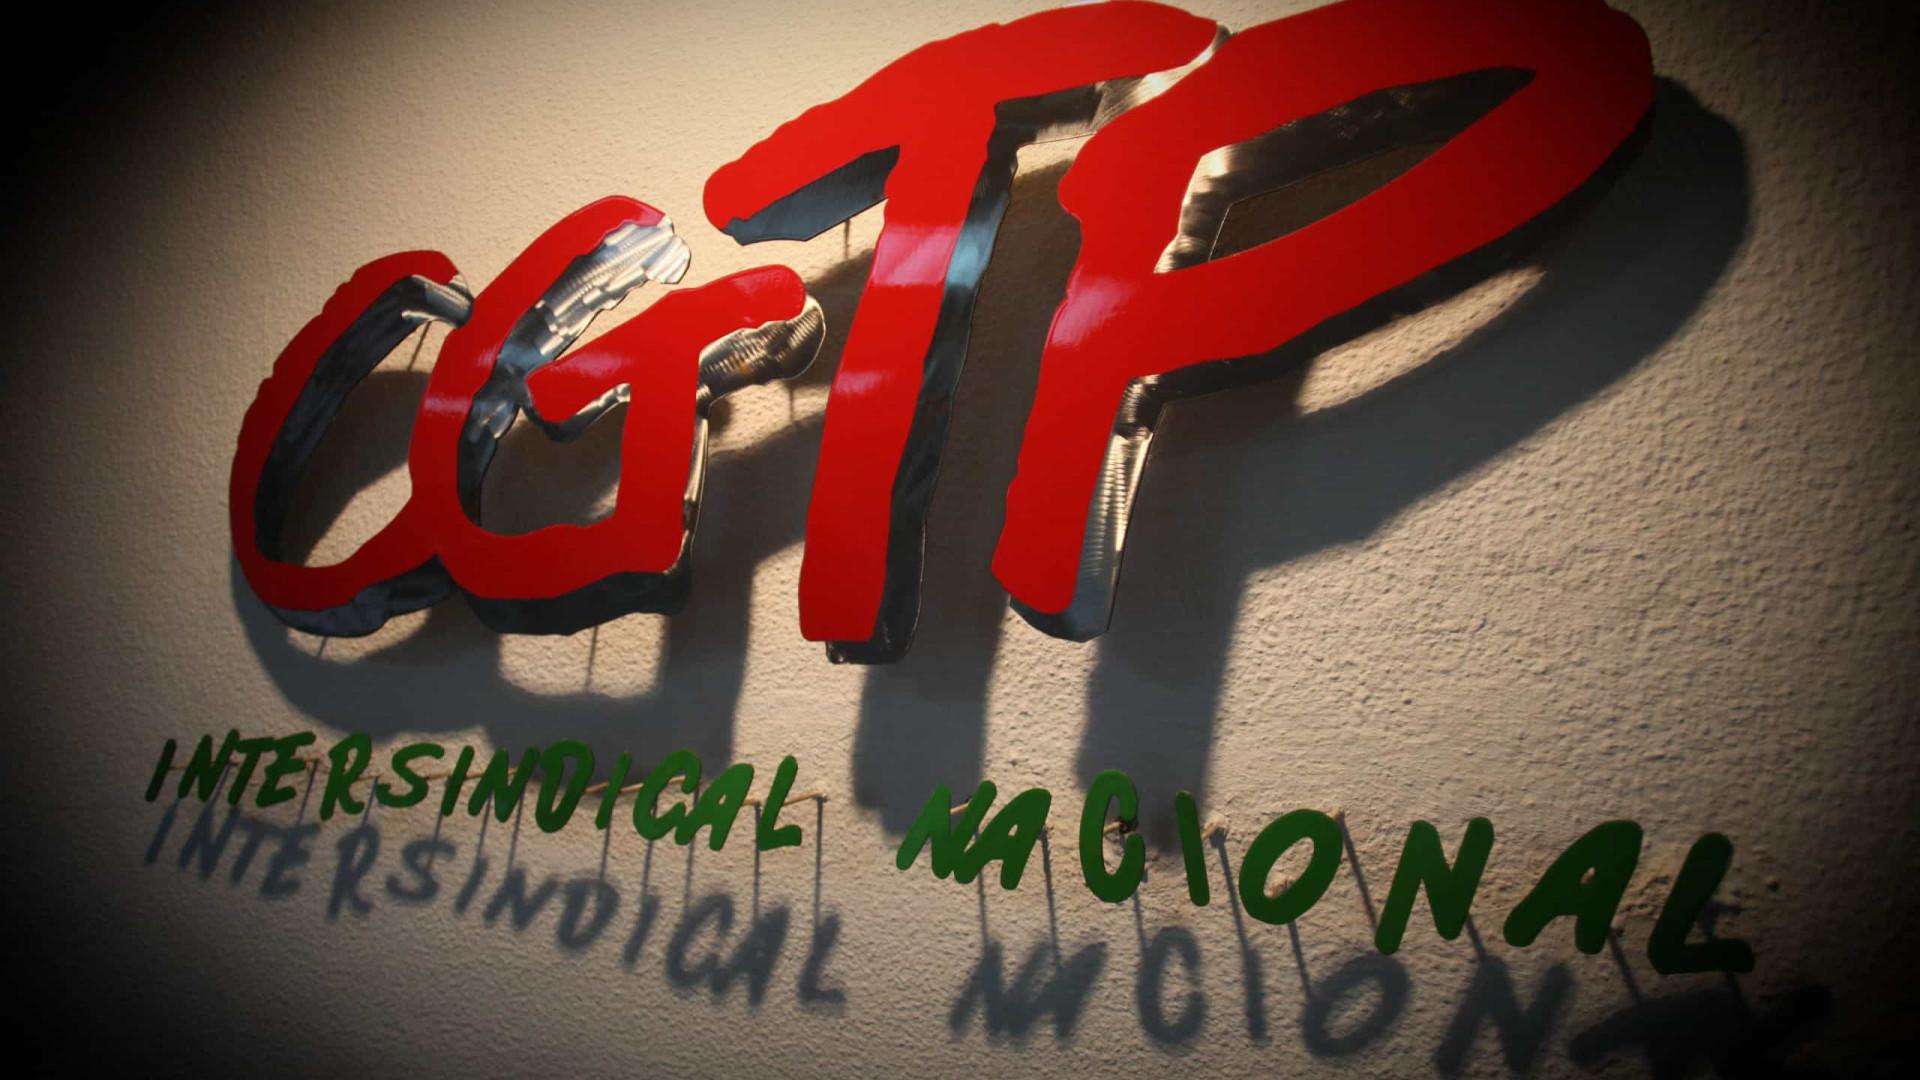 CGTP levou propostas à ministra para reequilibrar relações laborais